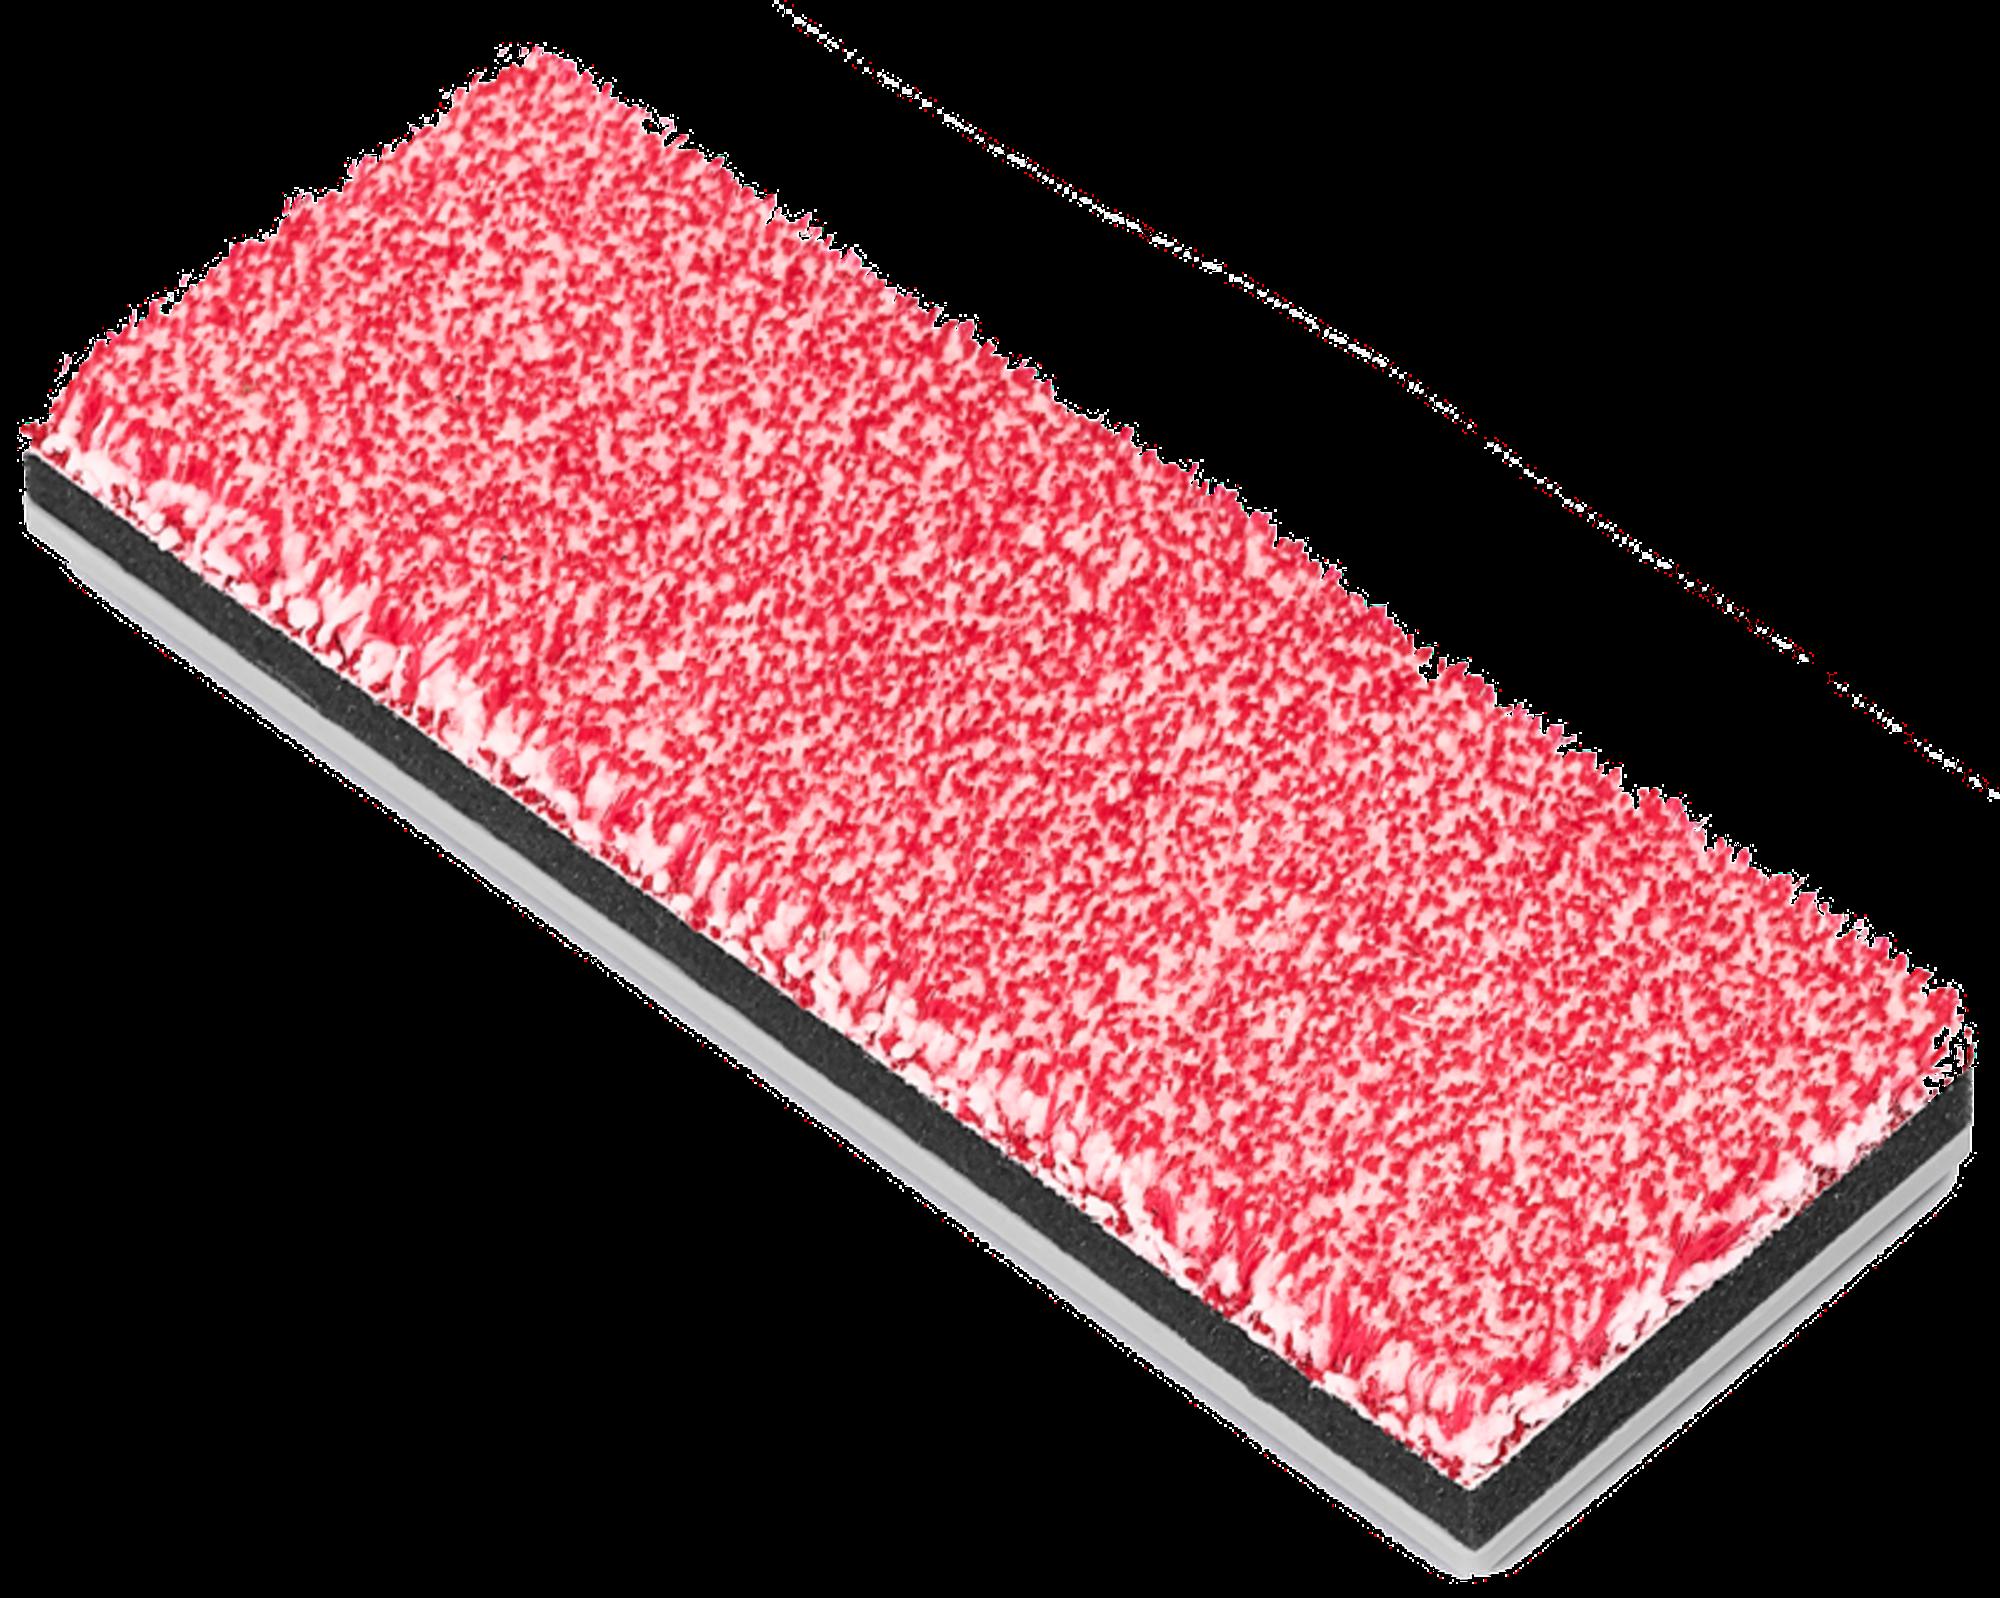 Separat matte som kan brukes til Easypad